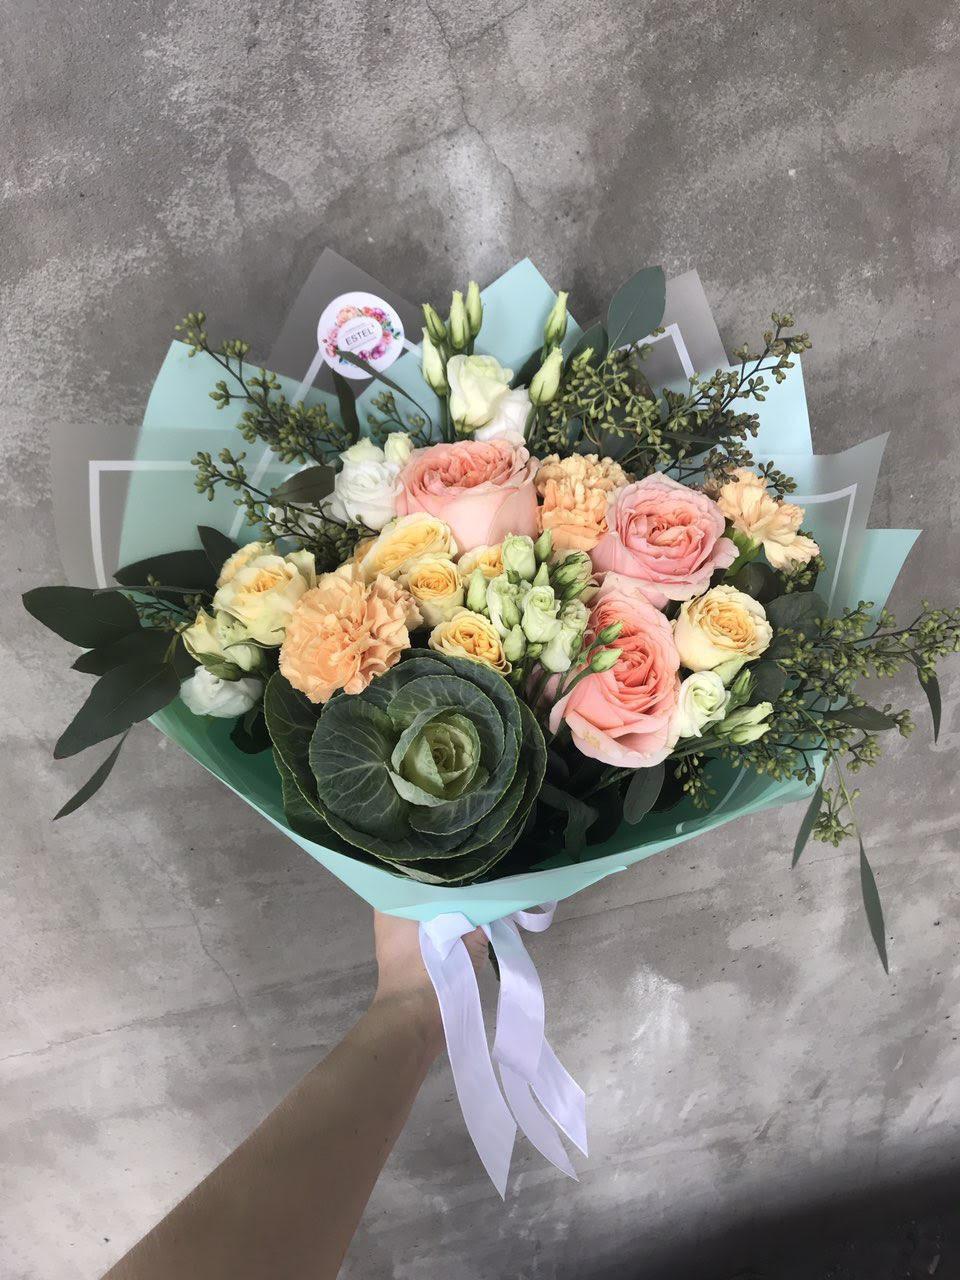 Закажи красивый букет в новом цветочном магазине - получи доставку в подарок!, фото-9